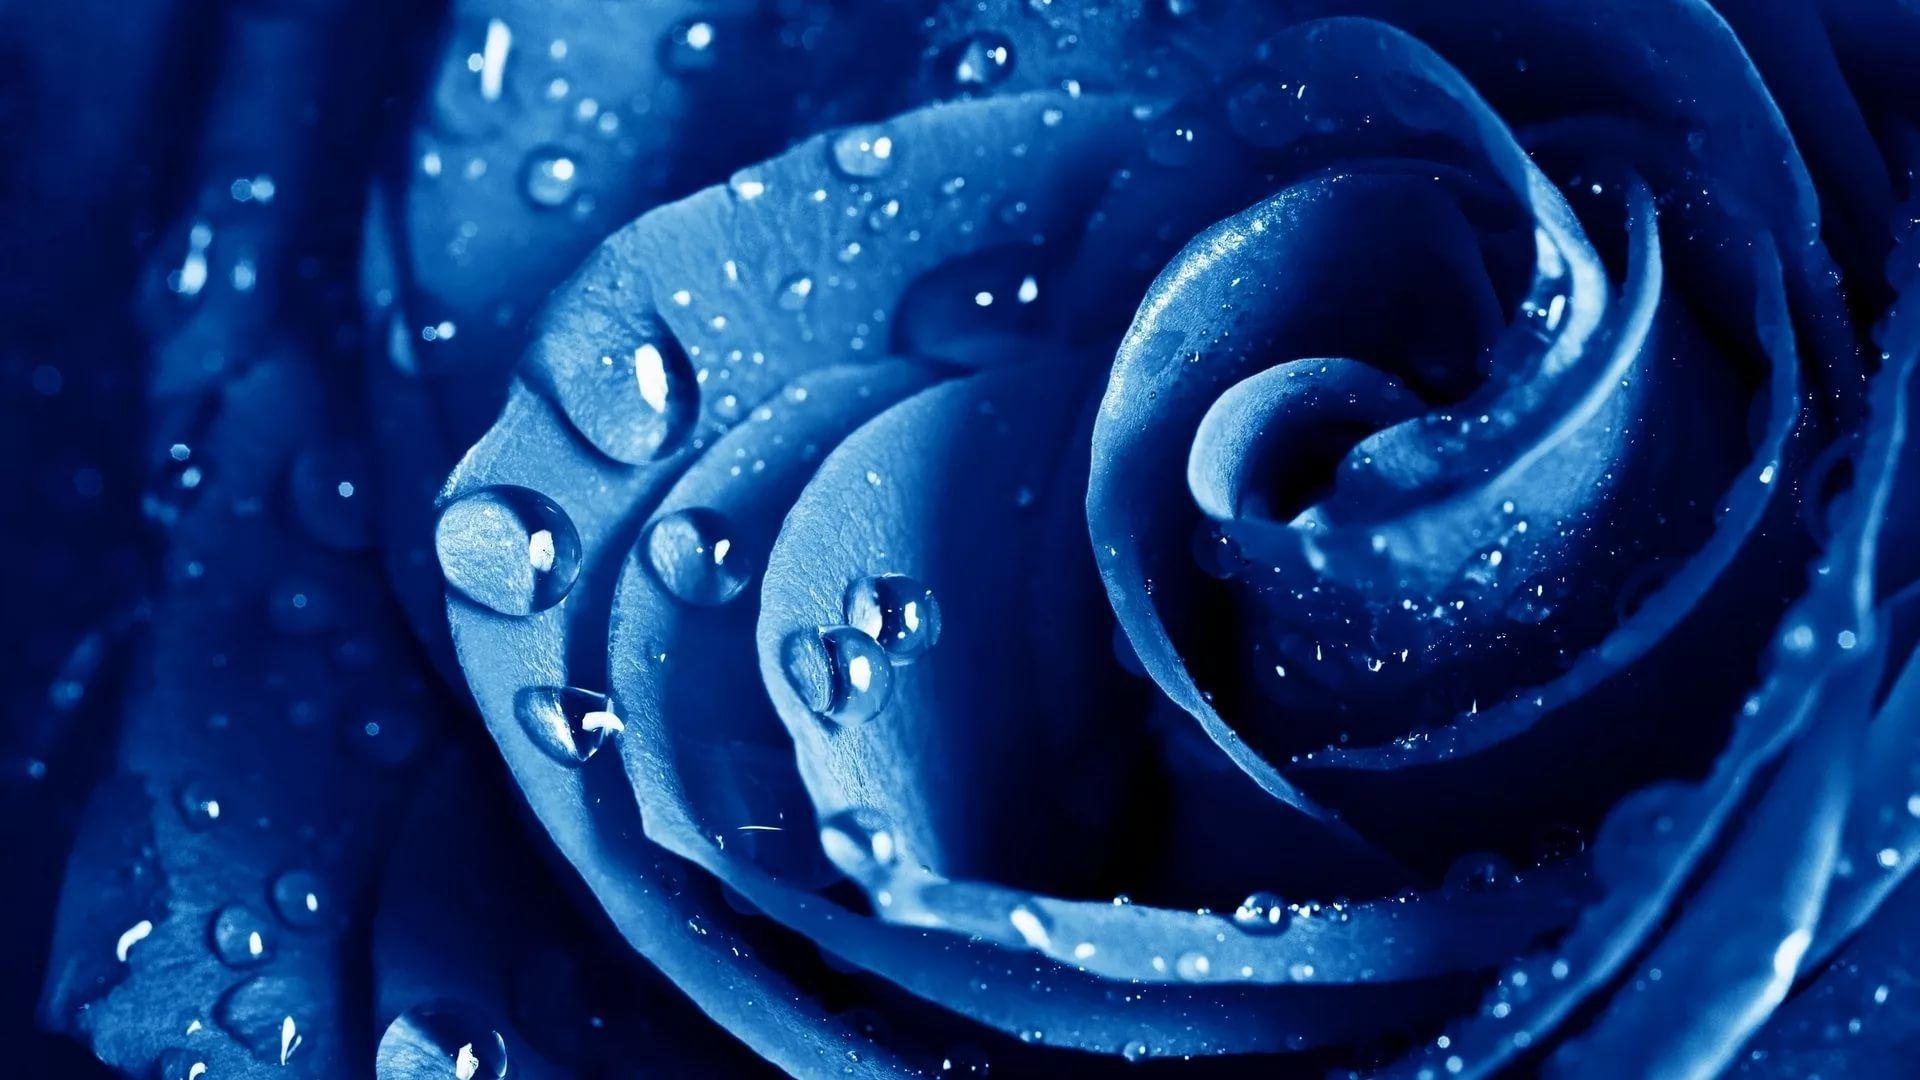 Rose Screensaver laptop wallpaper